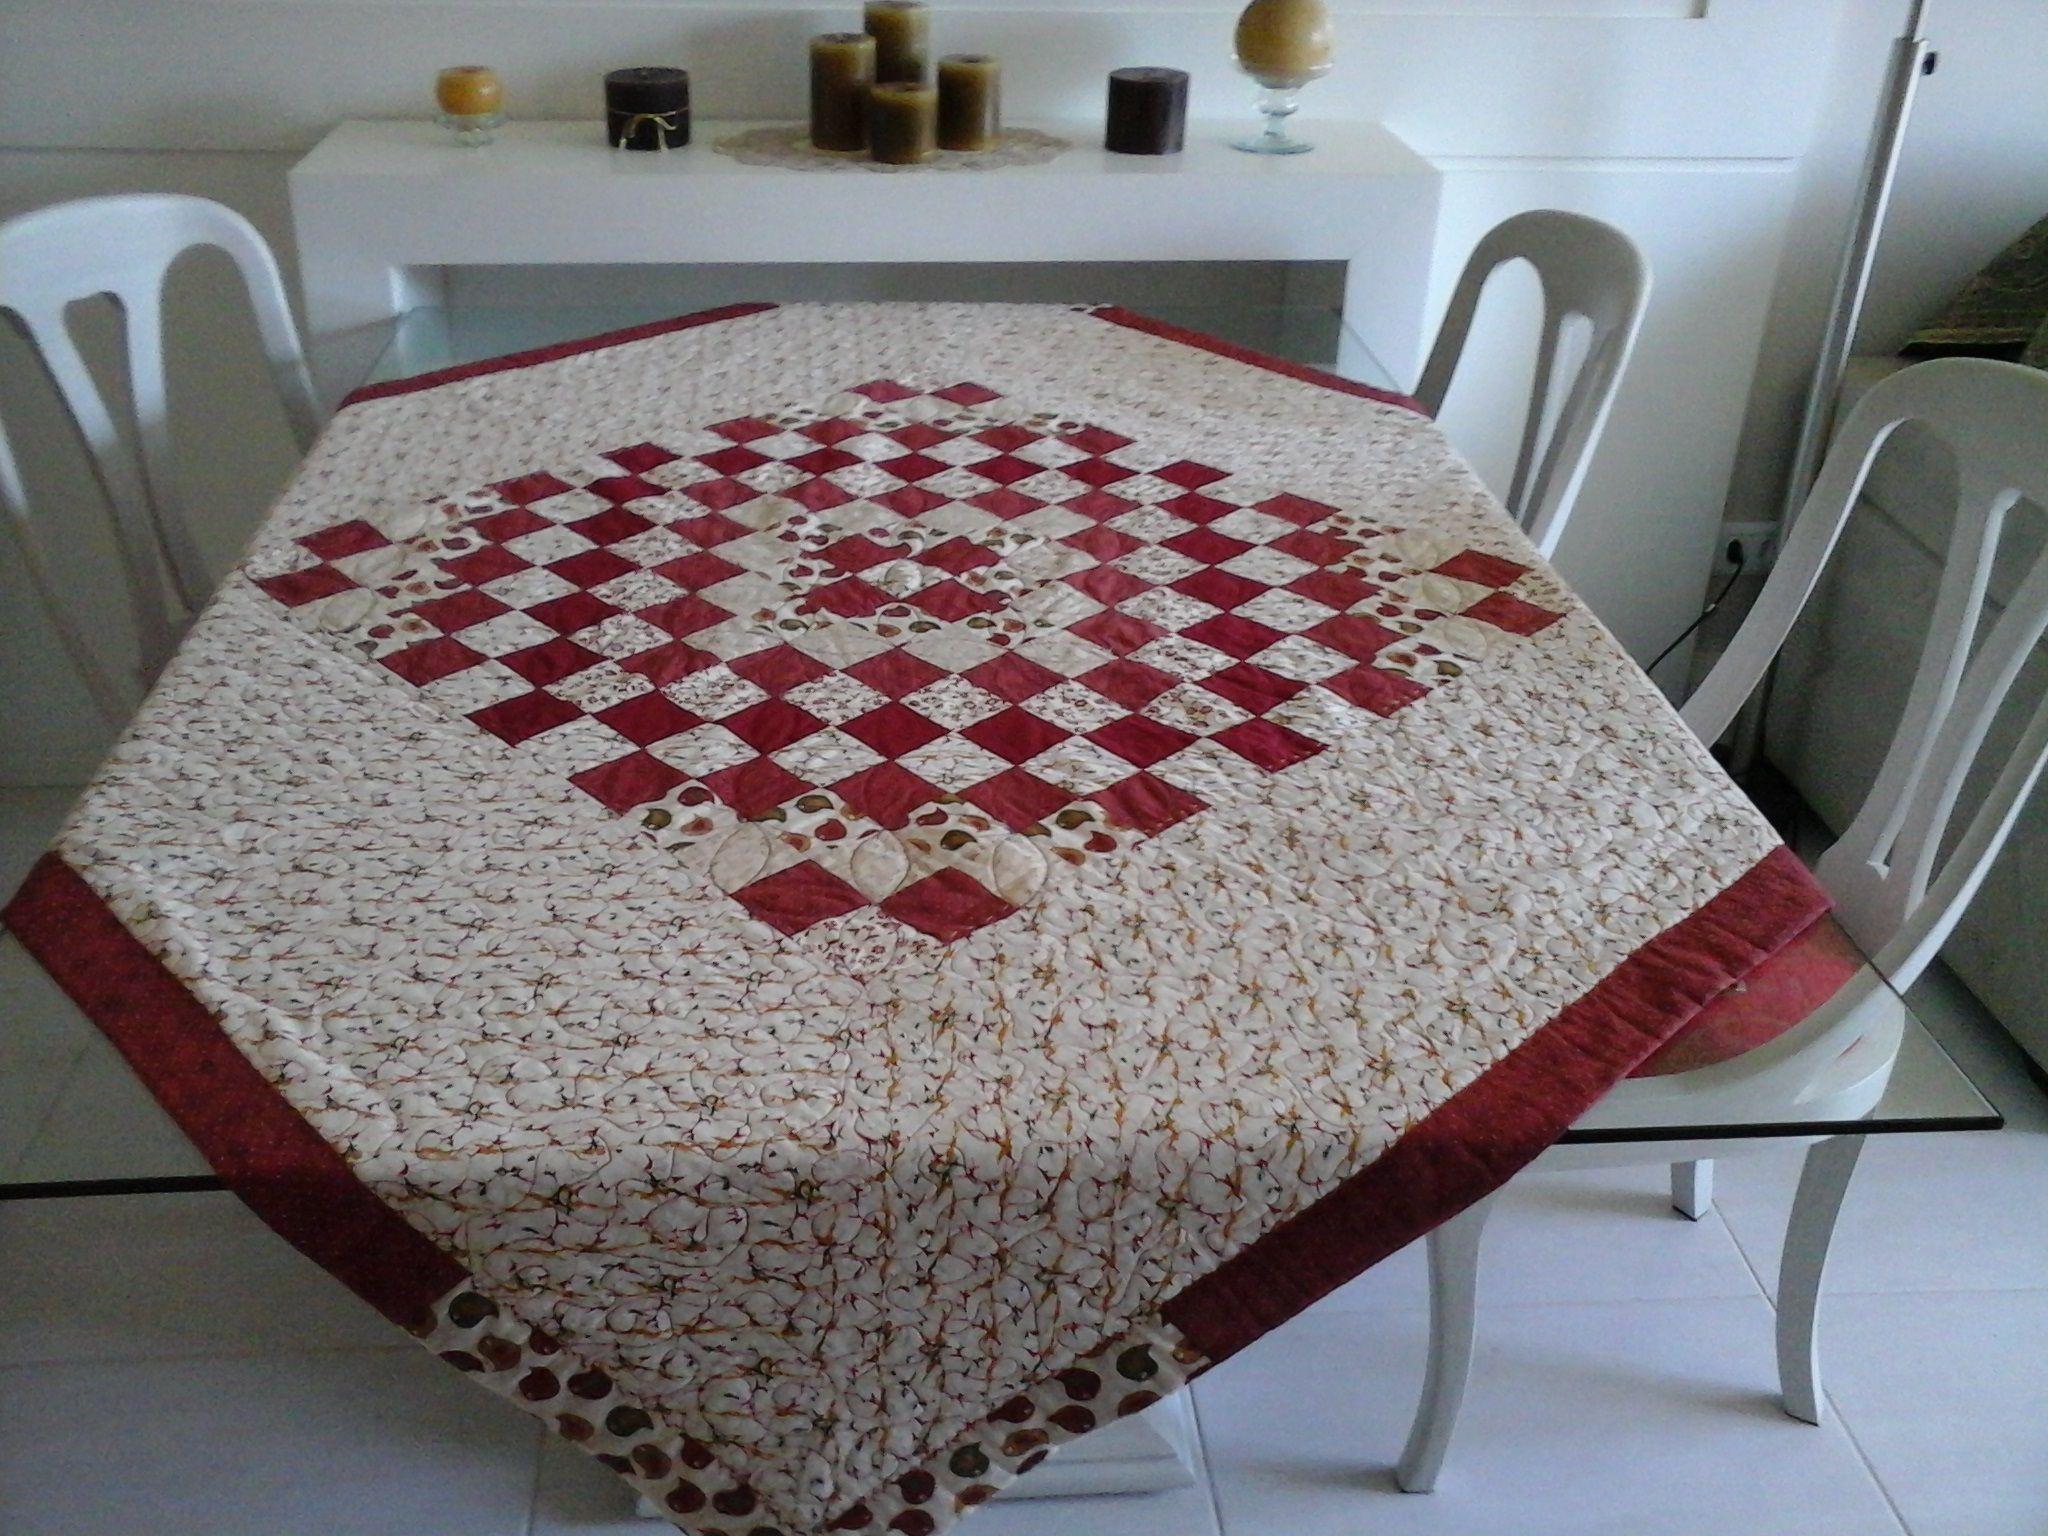 toalha de mesa para a varanda de uma casa na praia